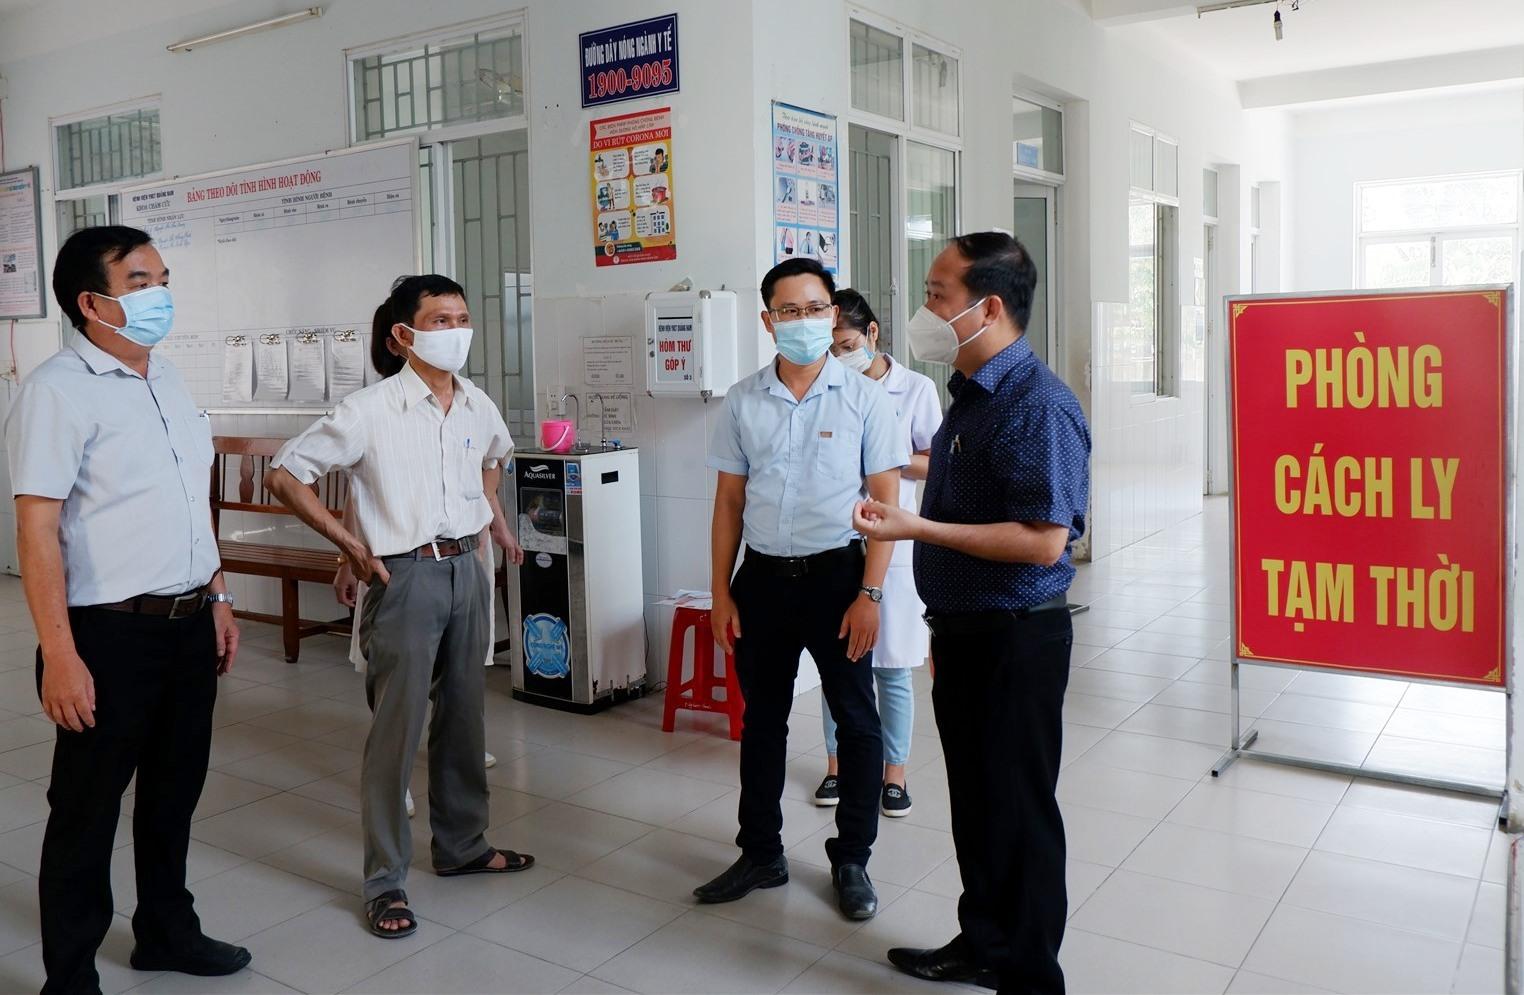 Bệnh viện Y học Cổ truyền tỉnh tạm dừng tiếp nhận bệnh nhân Covid-19. Ảnh: X.H